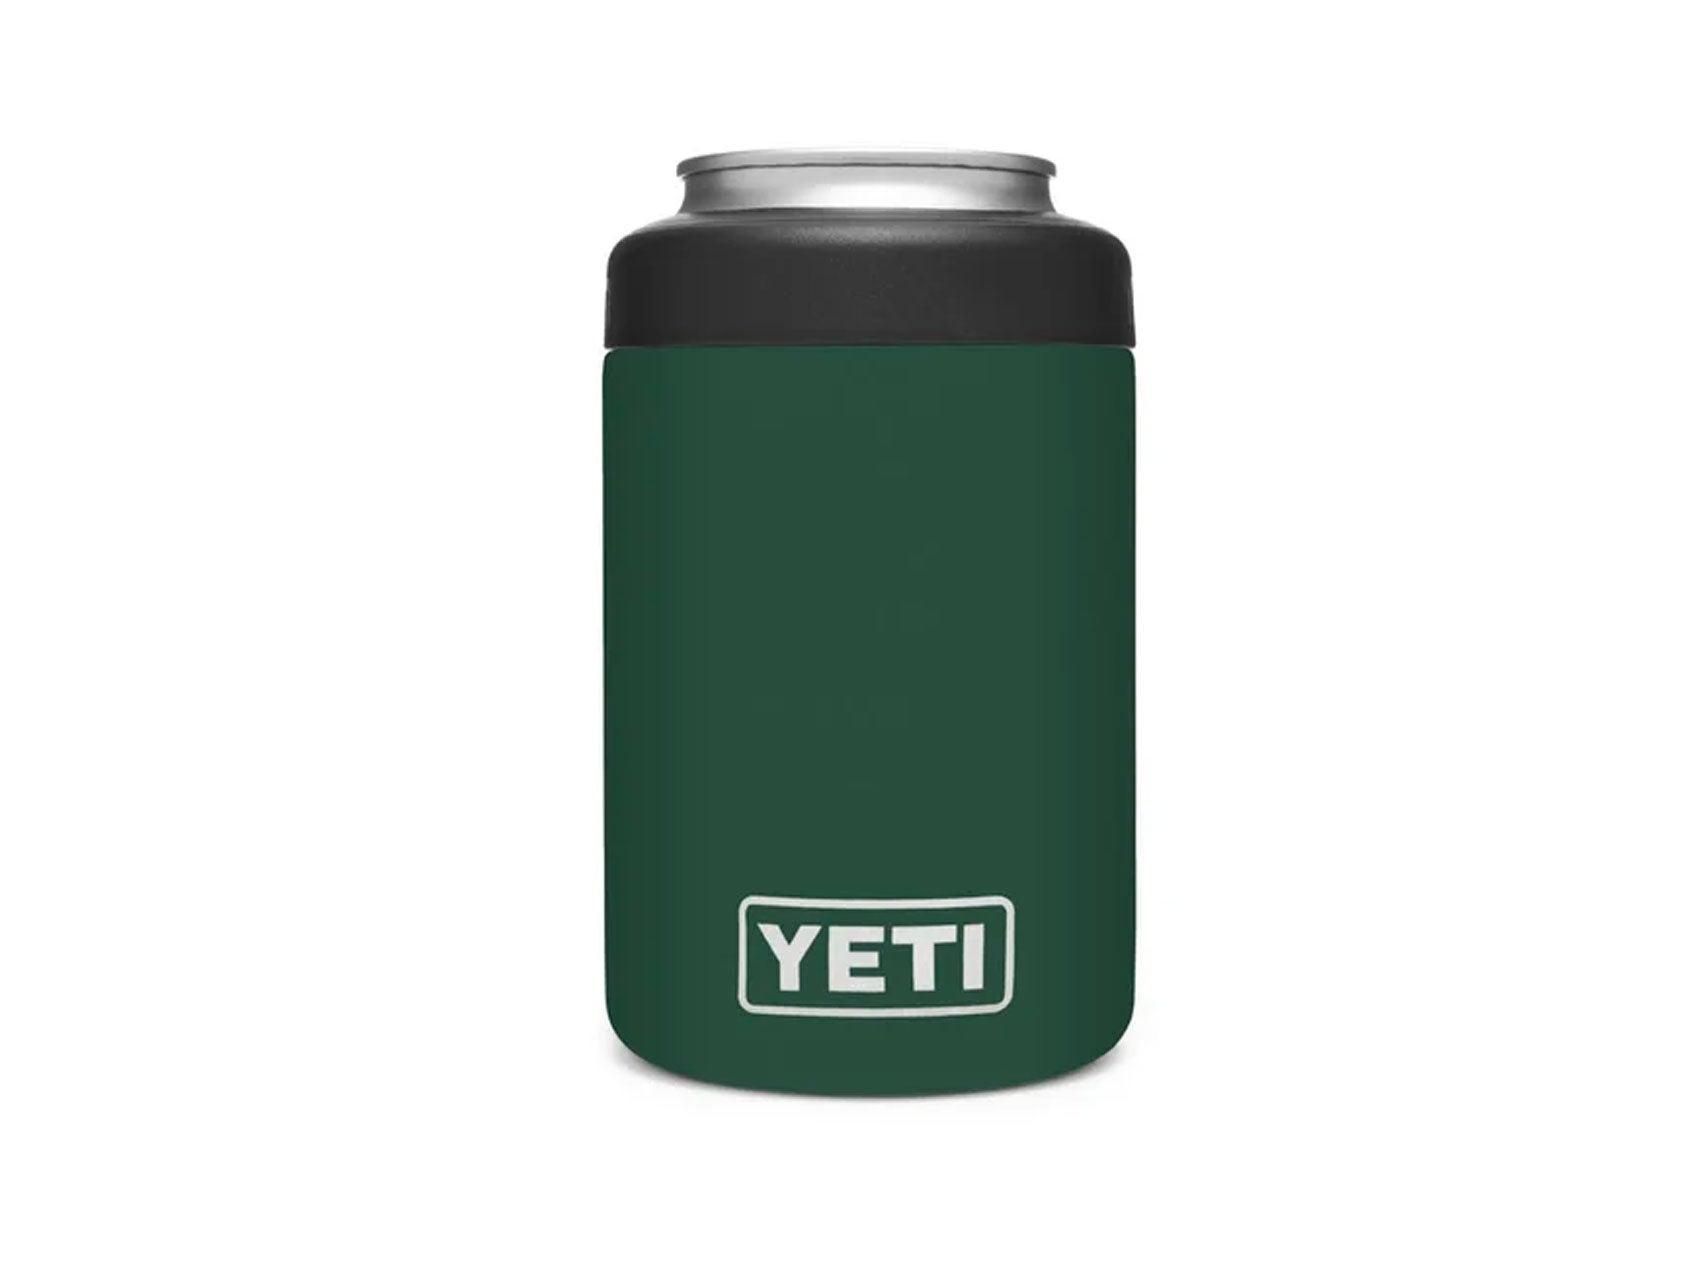 YETI custom can insulator